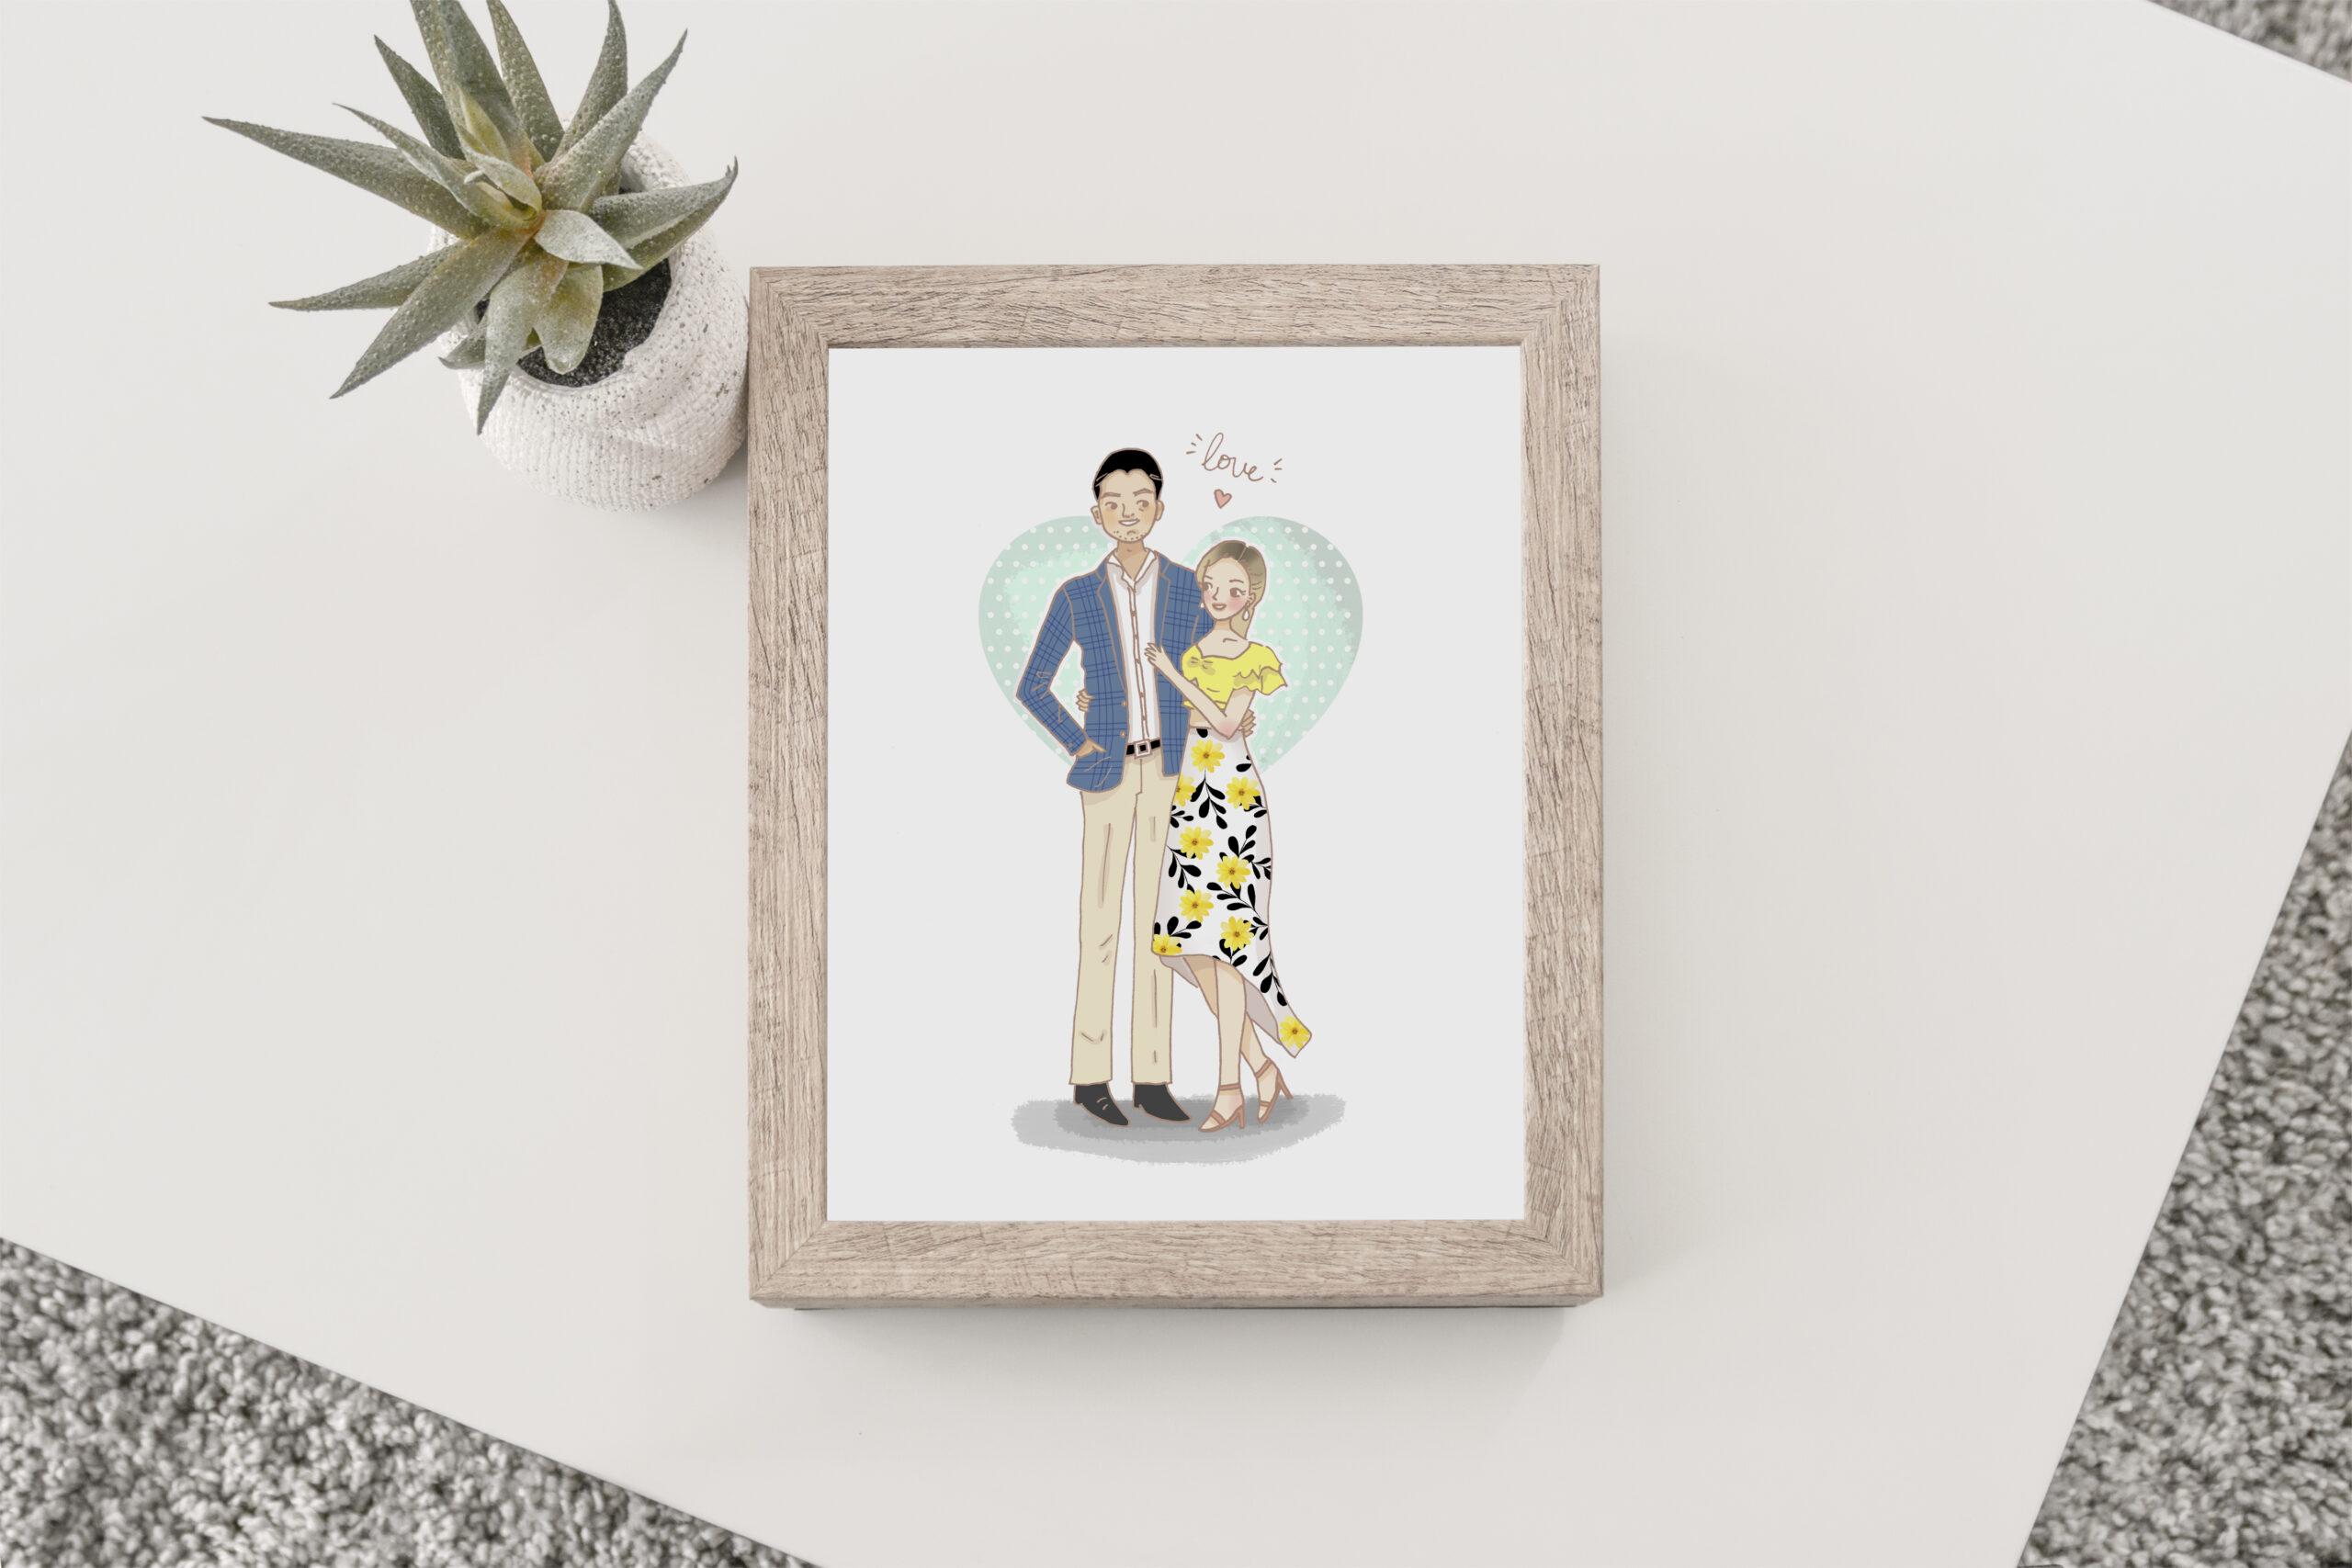 Marco retrato pareja chica vestido amarillo